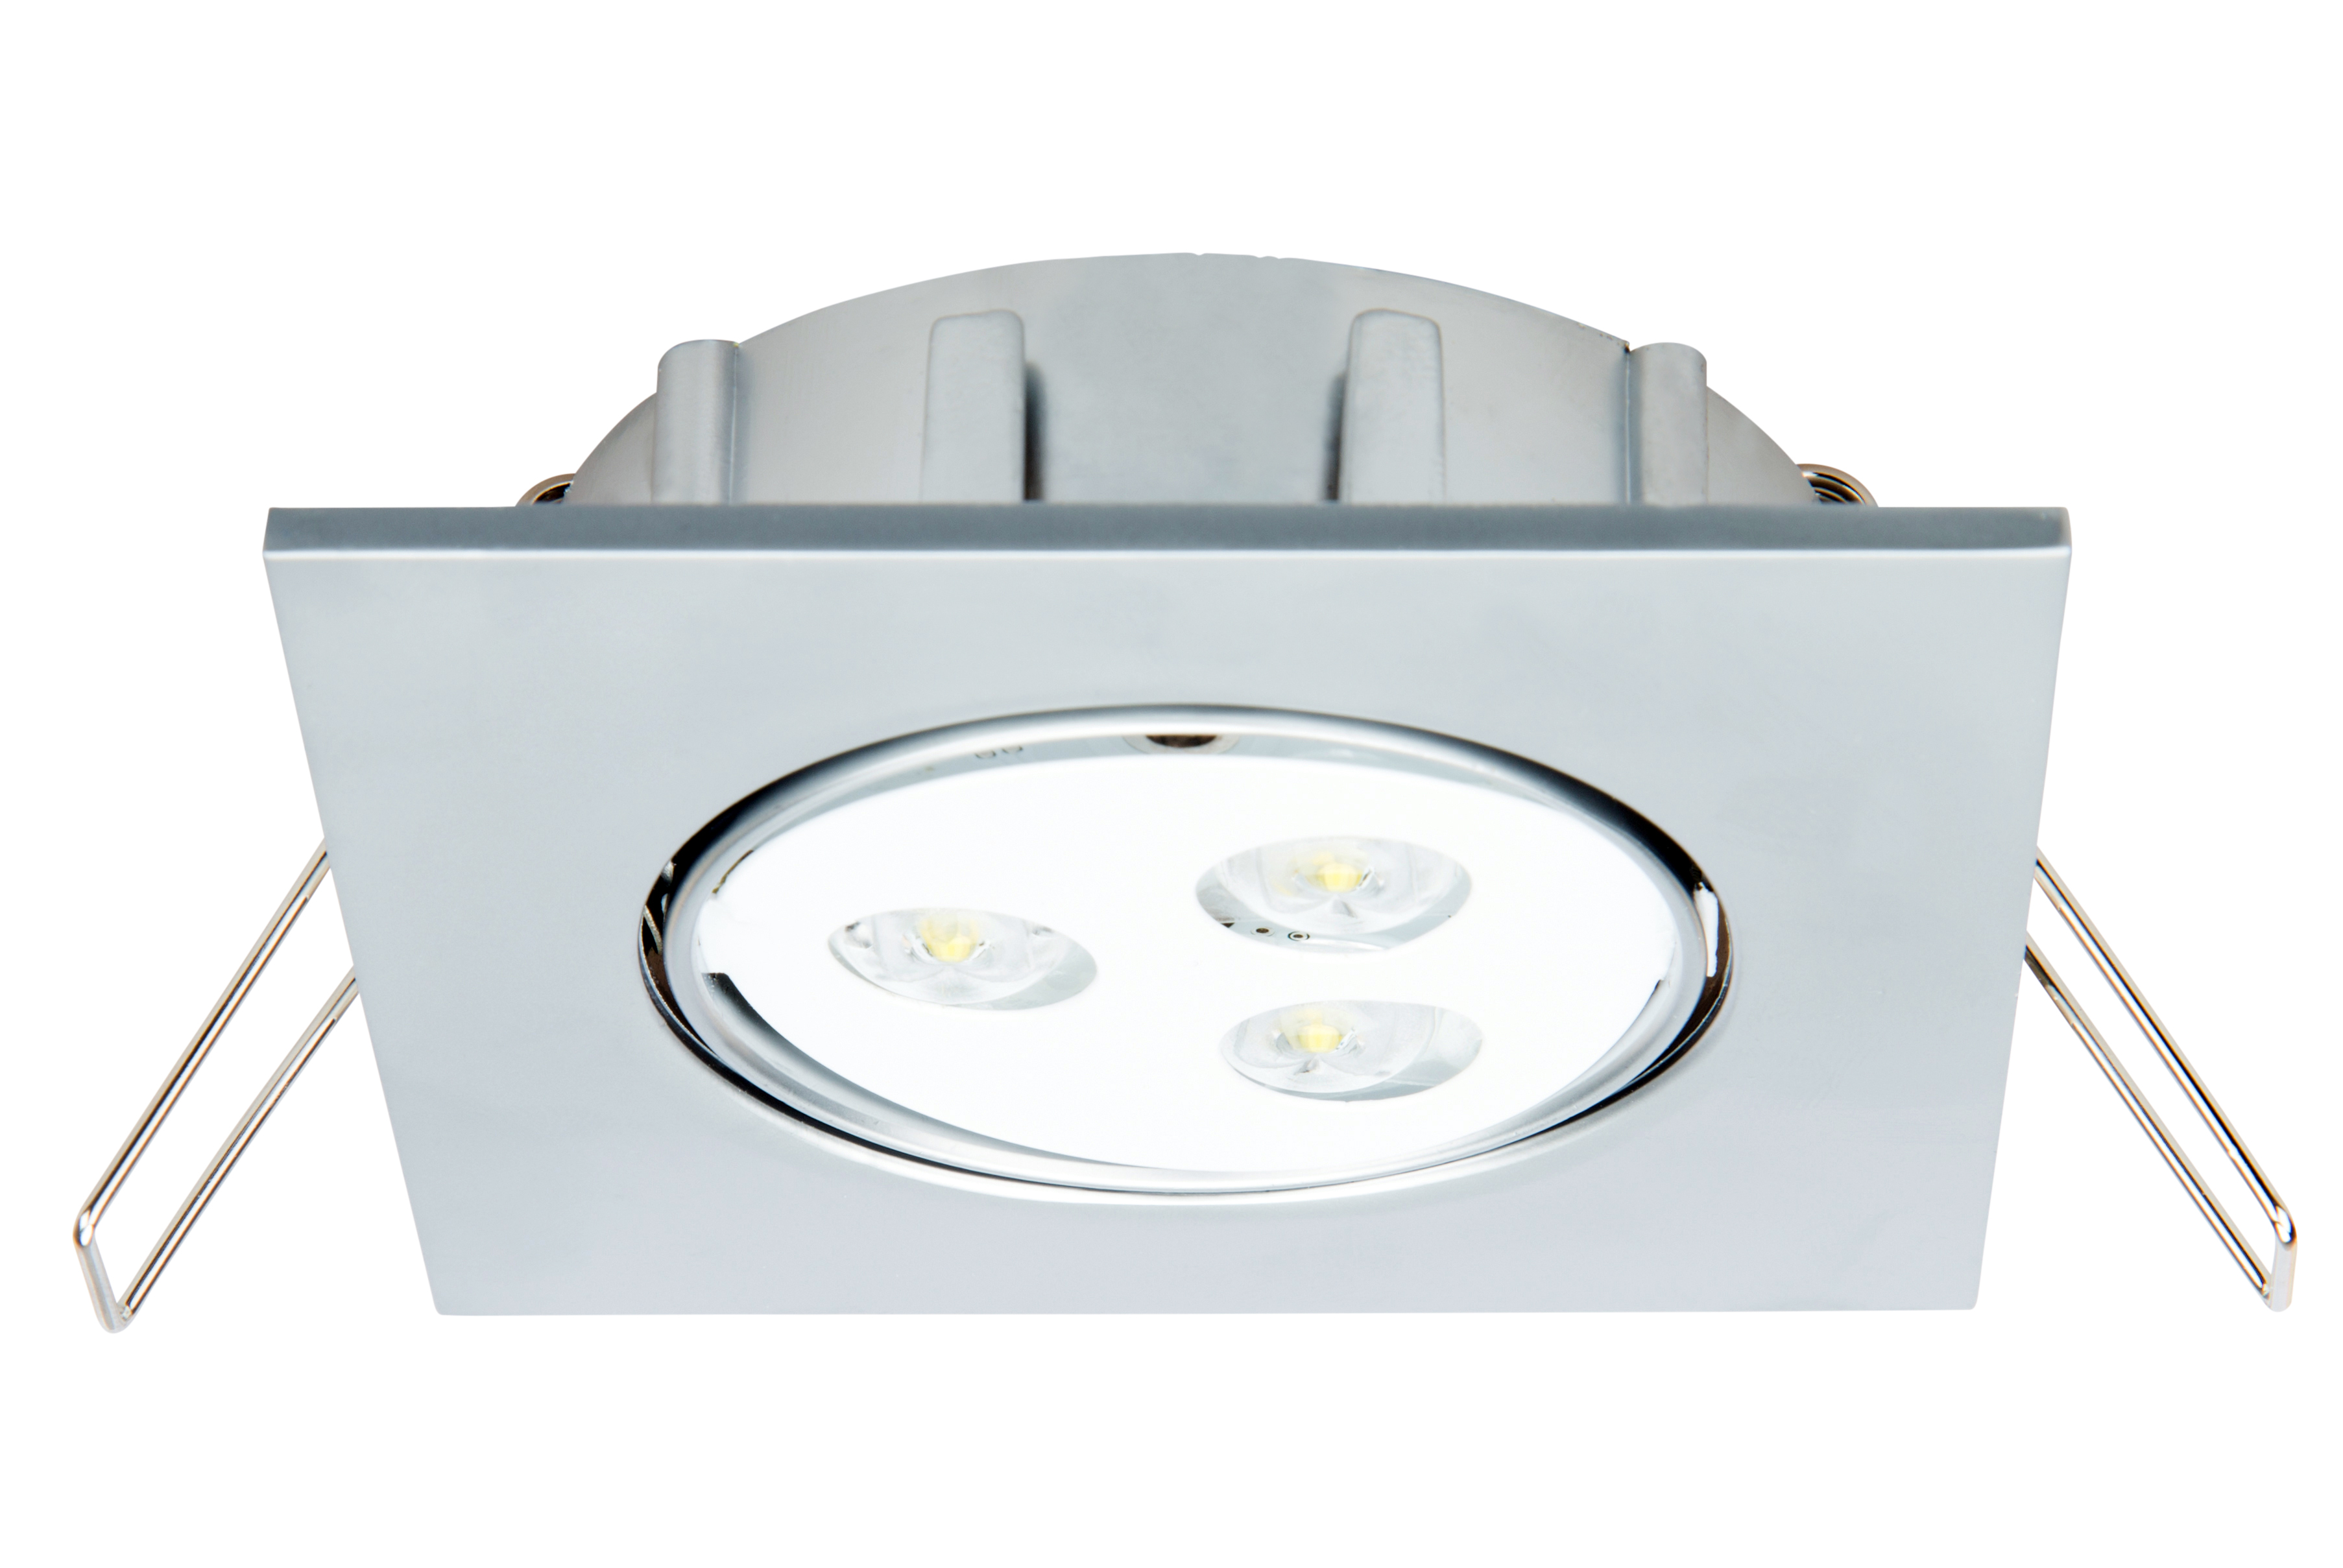 1 Stk Notleuchte DLQ Überwachung und Mischbetrieb ERT-LED 230V NLDLQ029ML